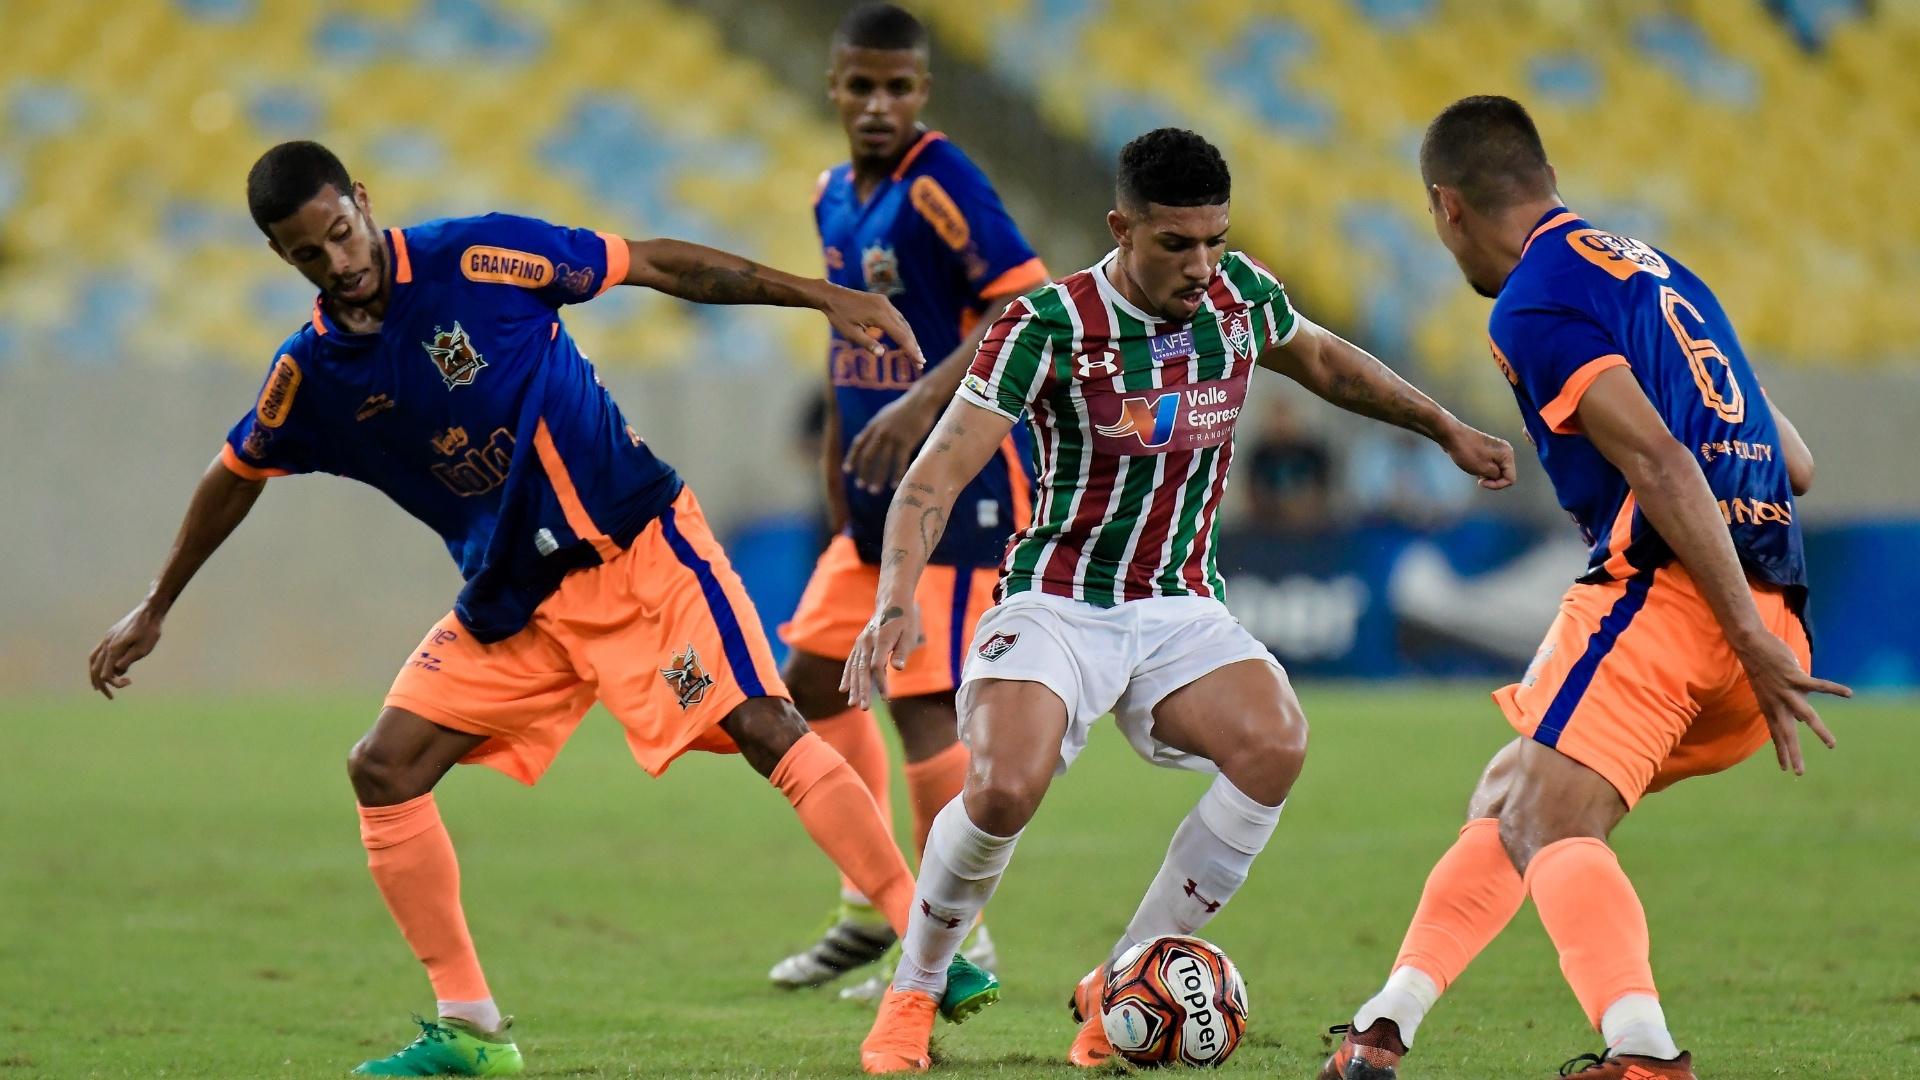 O volante Douglas em lance da partida entre Fluminense e Nova Iguaçu